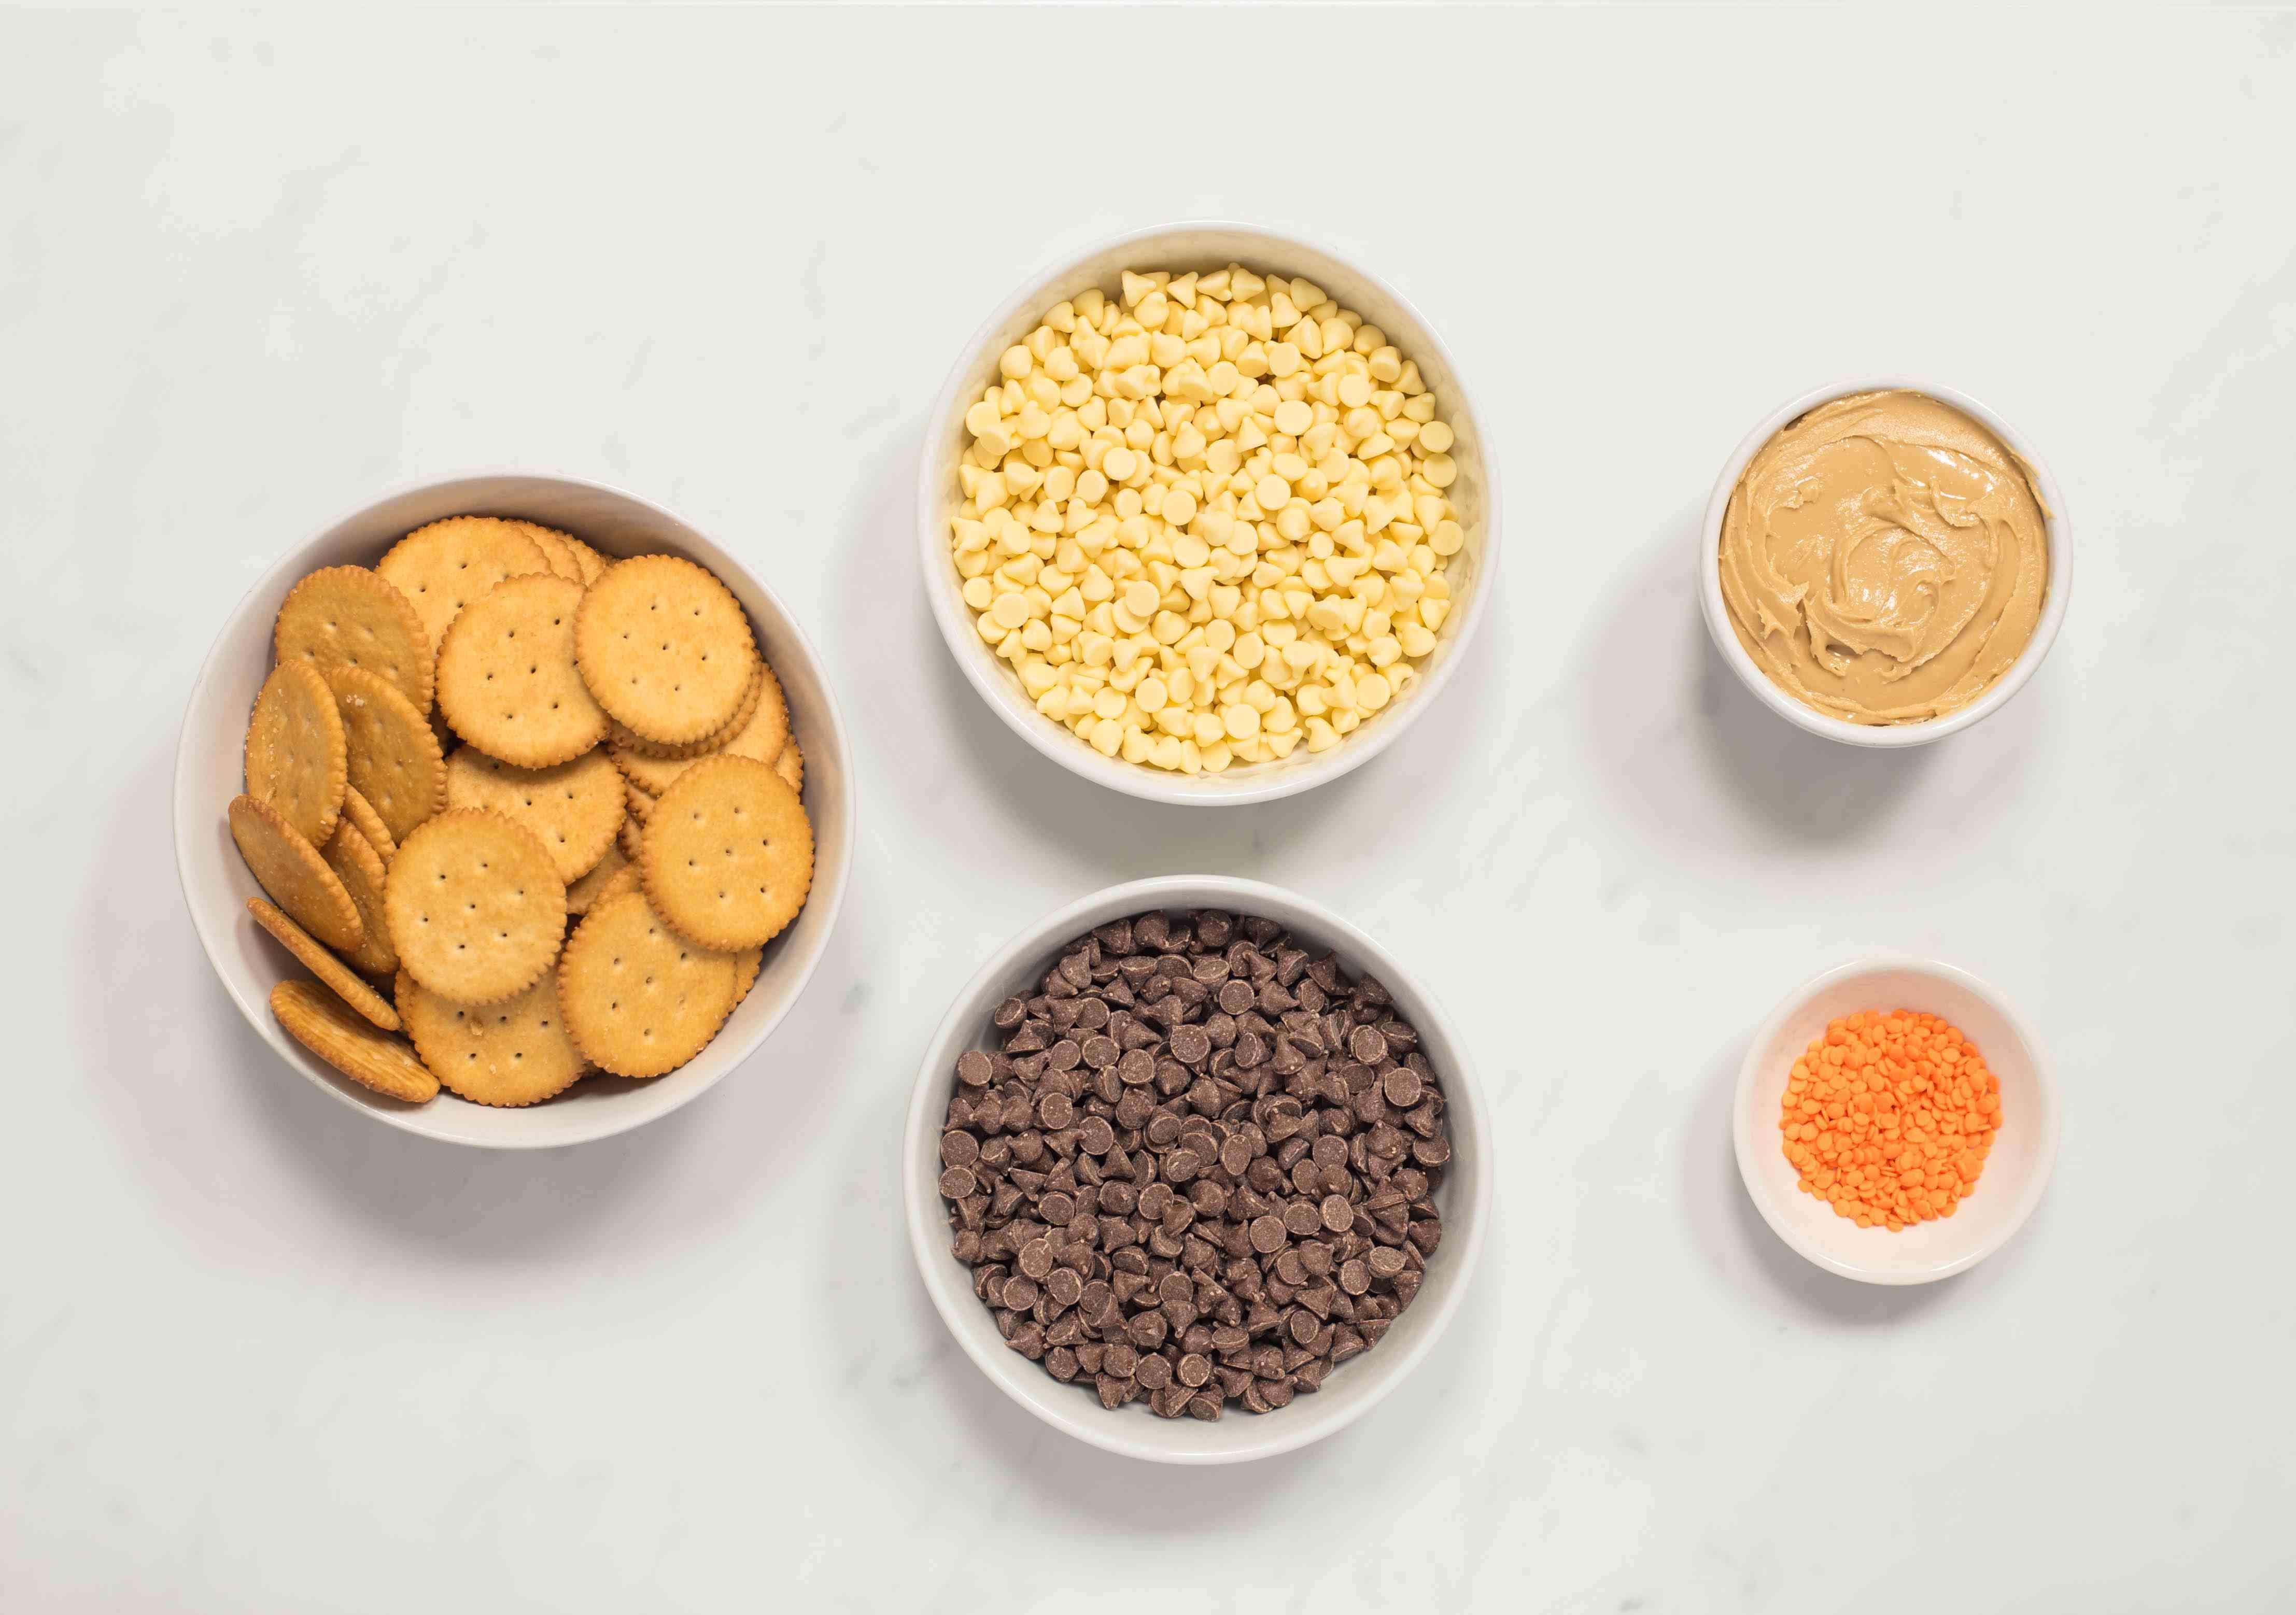 Ingredients for Halloween cookie treats